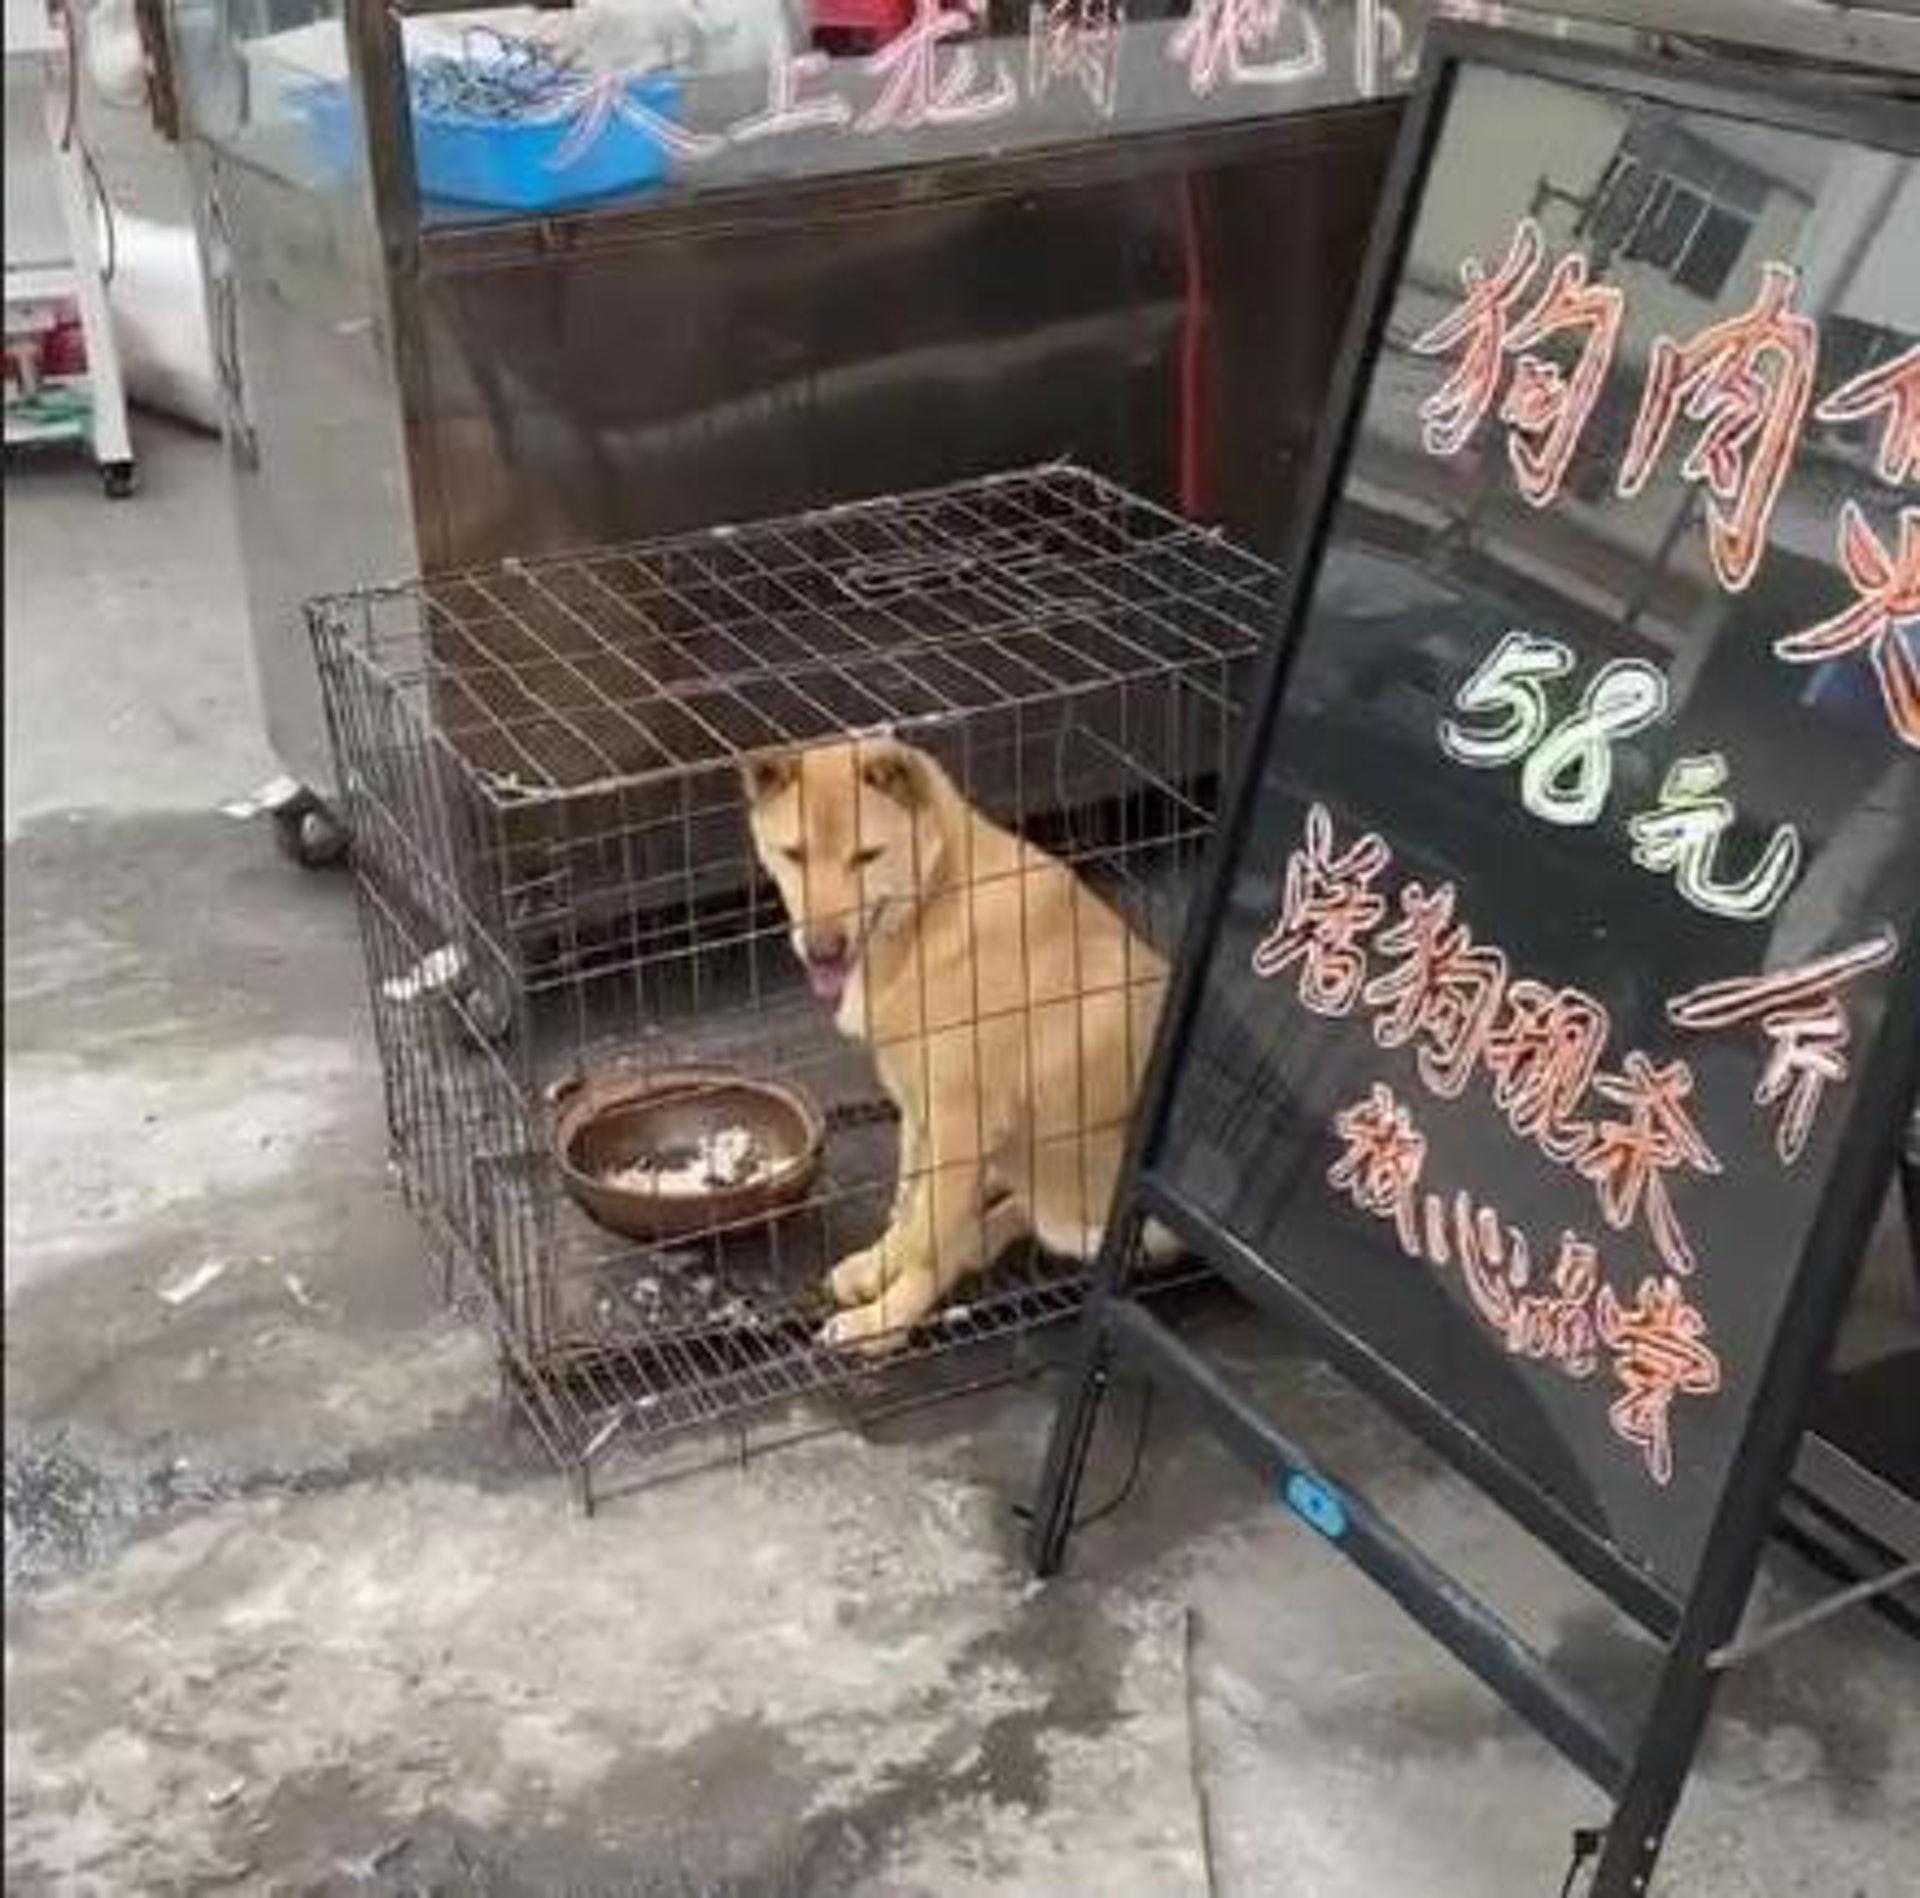 廣西玉林當地,不少食肆都放出狗隻作招徠,寫着現殺!(微博)